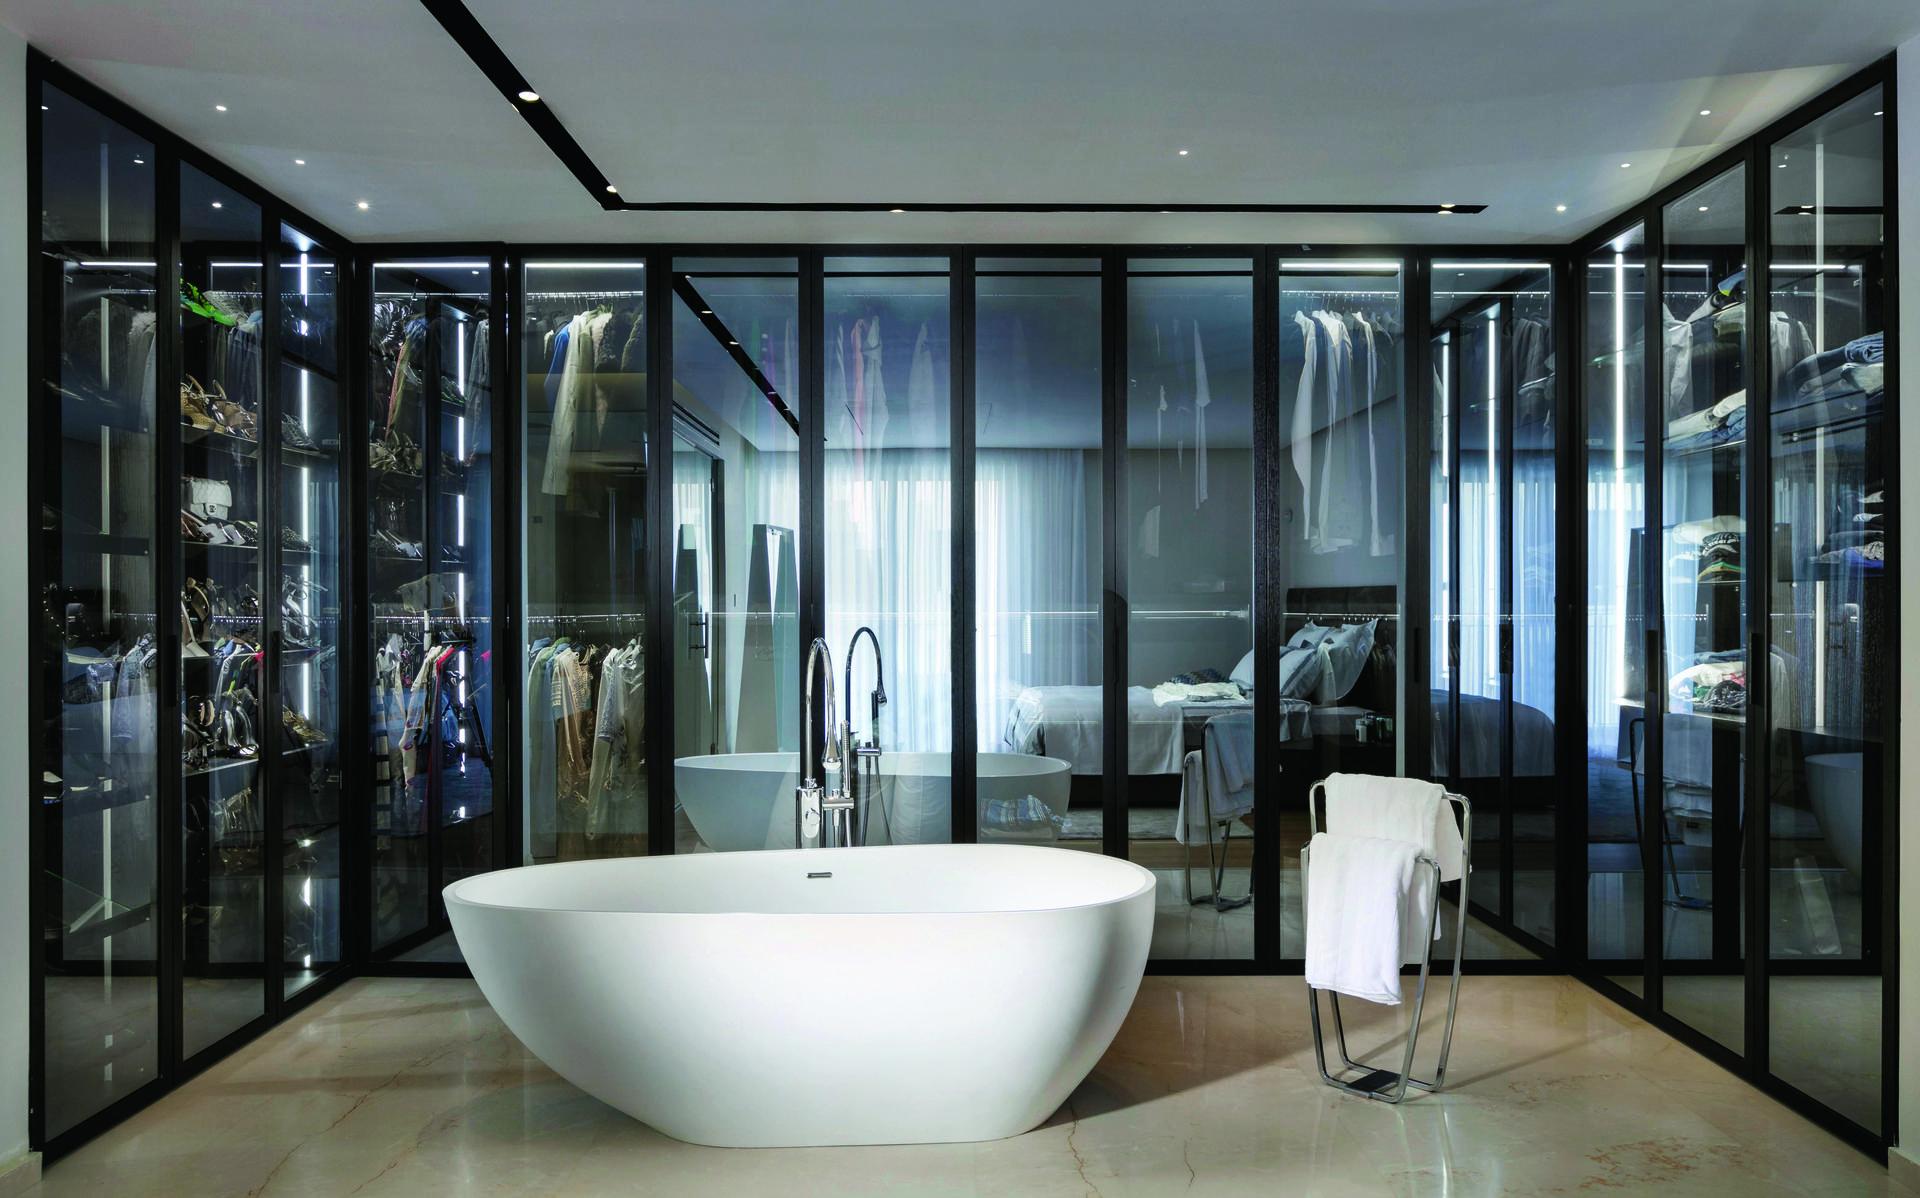 אמבטיית קוריאן, רצפת אבן טבעית, ברז וכלים סניטריים מבית mody. עיצוב: צביקה קזיוף. צילום: אלעד גונן